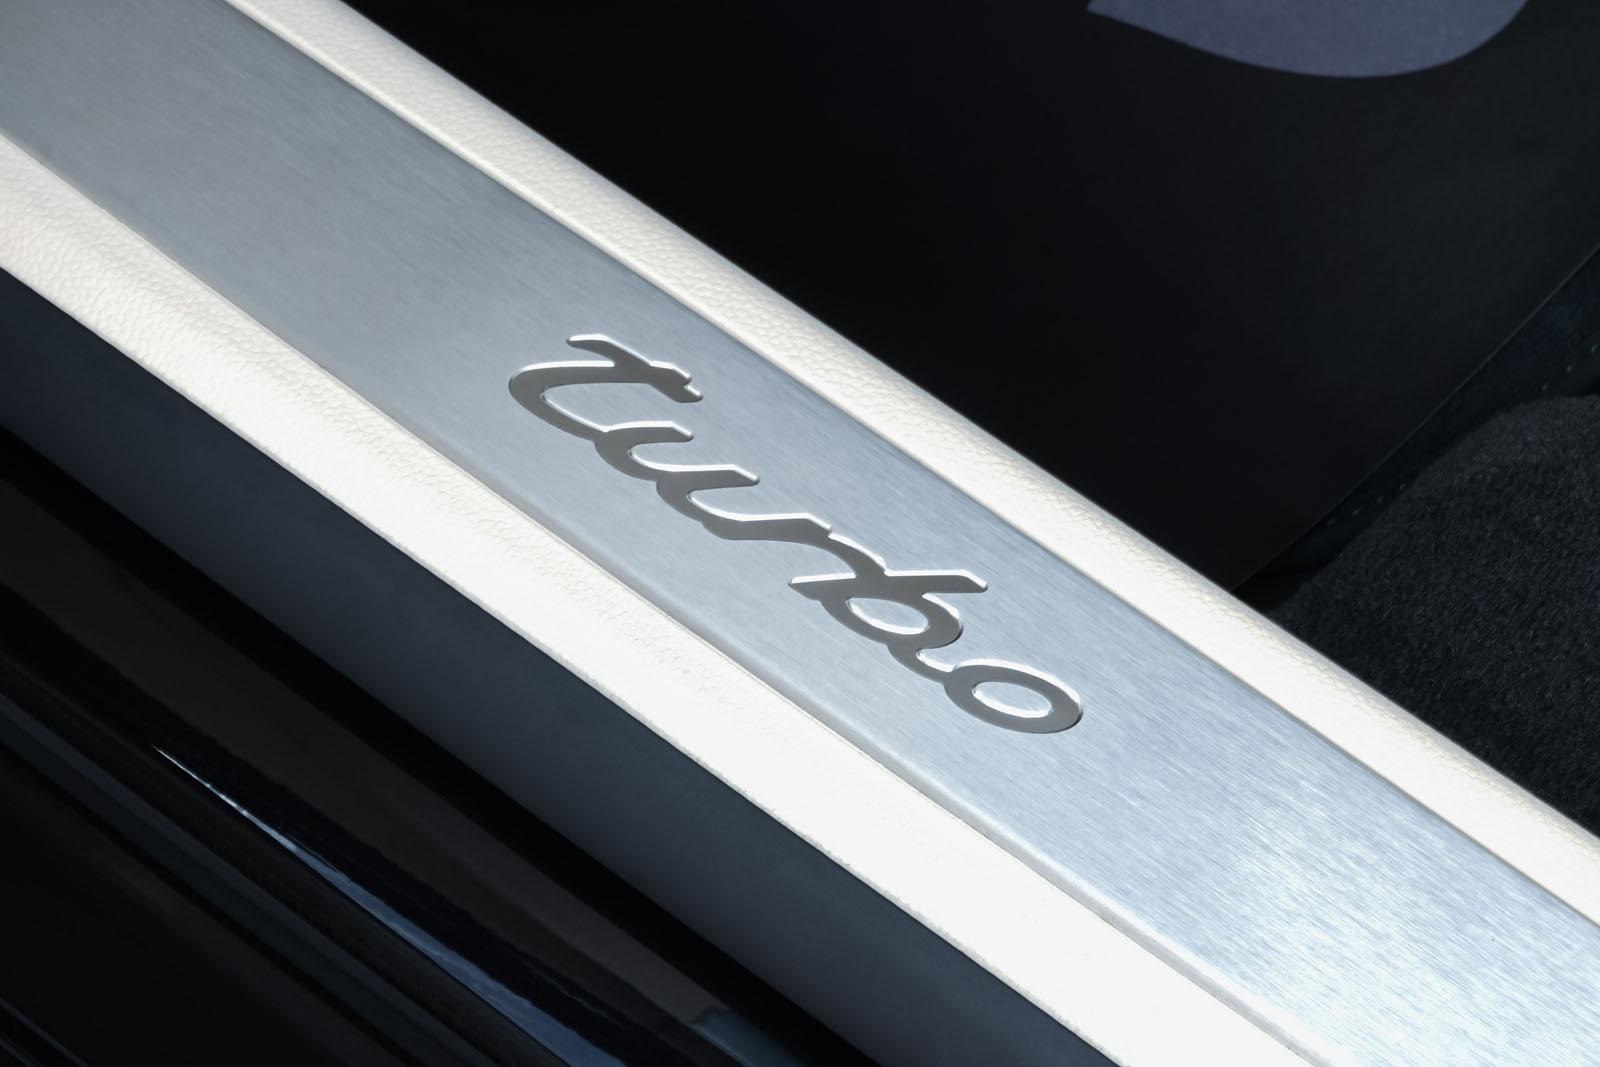 Porsche_Panamera_Turbo_Schwarz_Cremeweiß_POR-0127_11_w